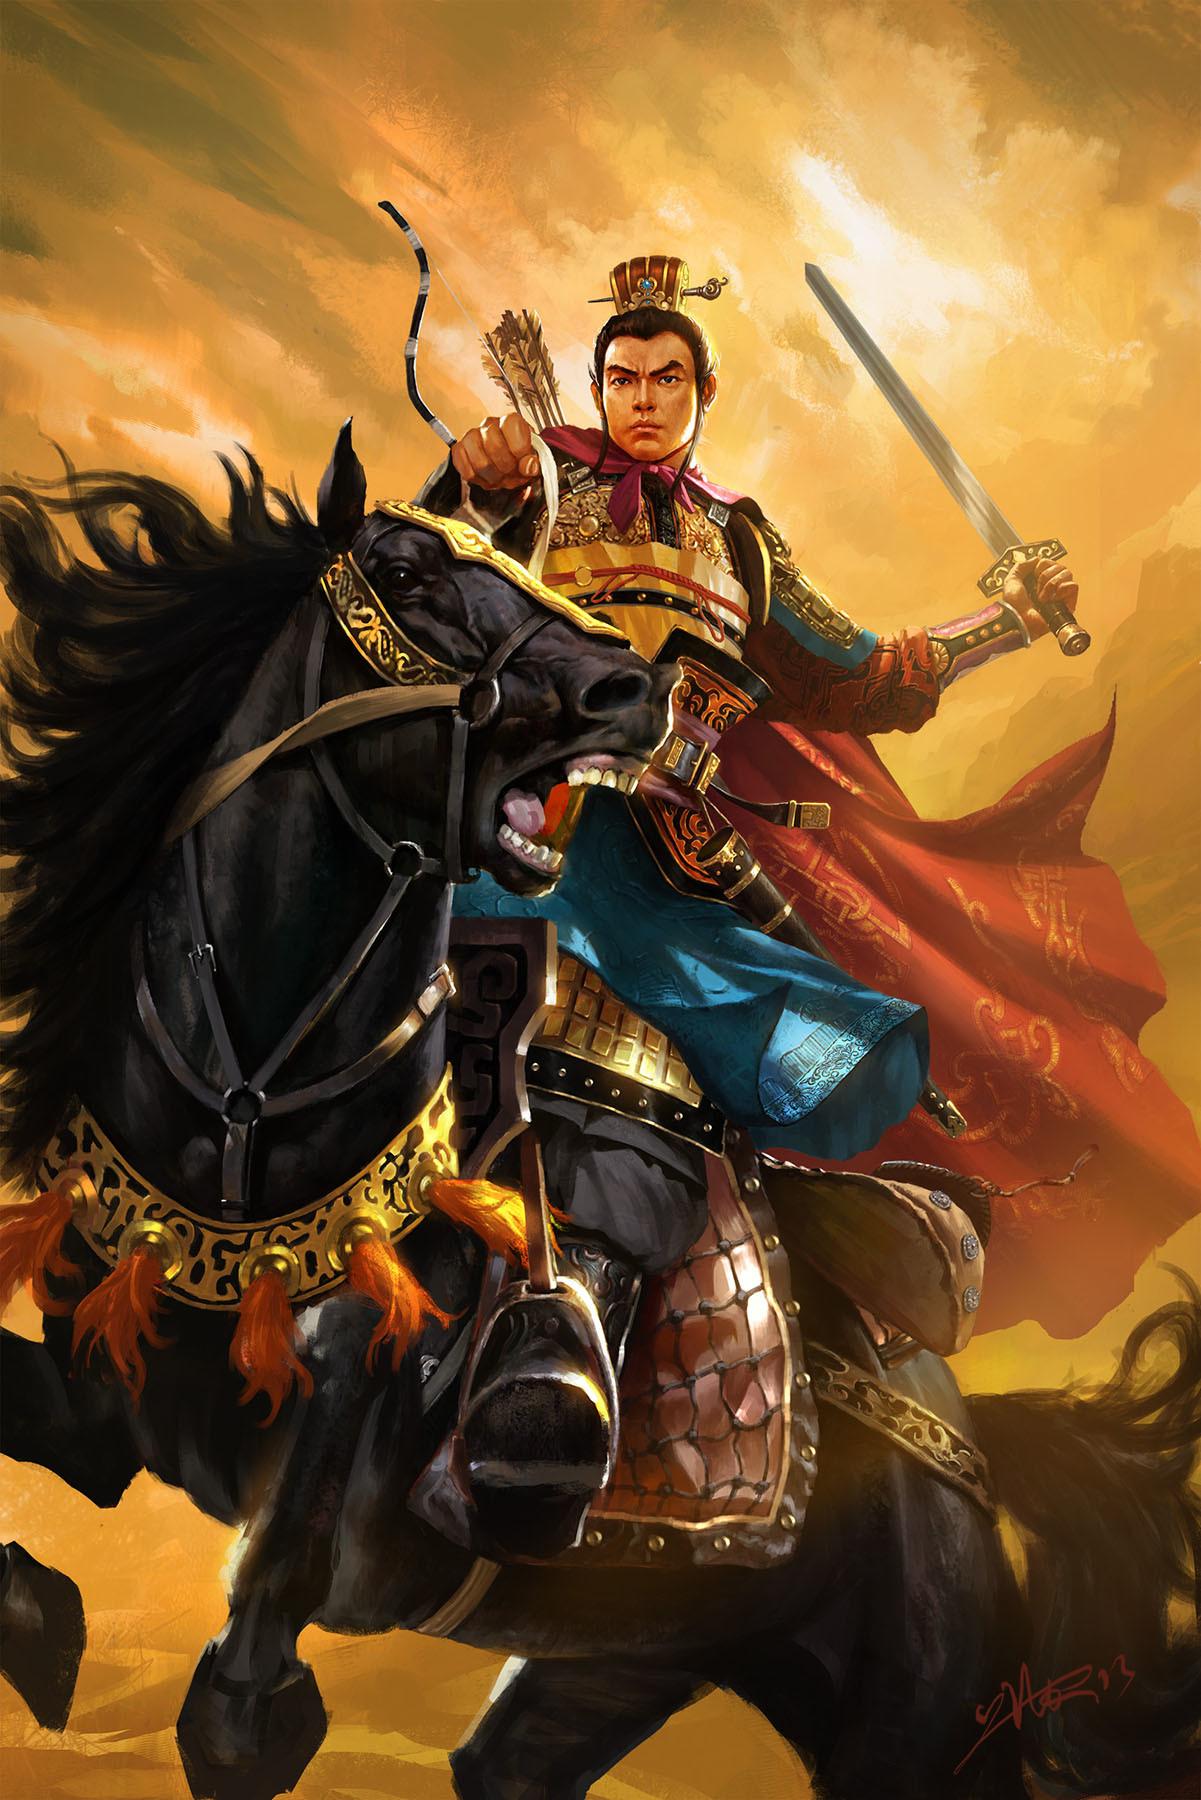 название китайский воин фото новой игры также